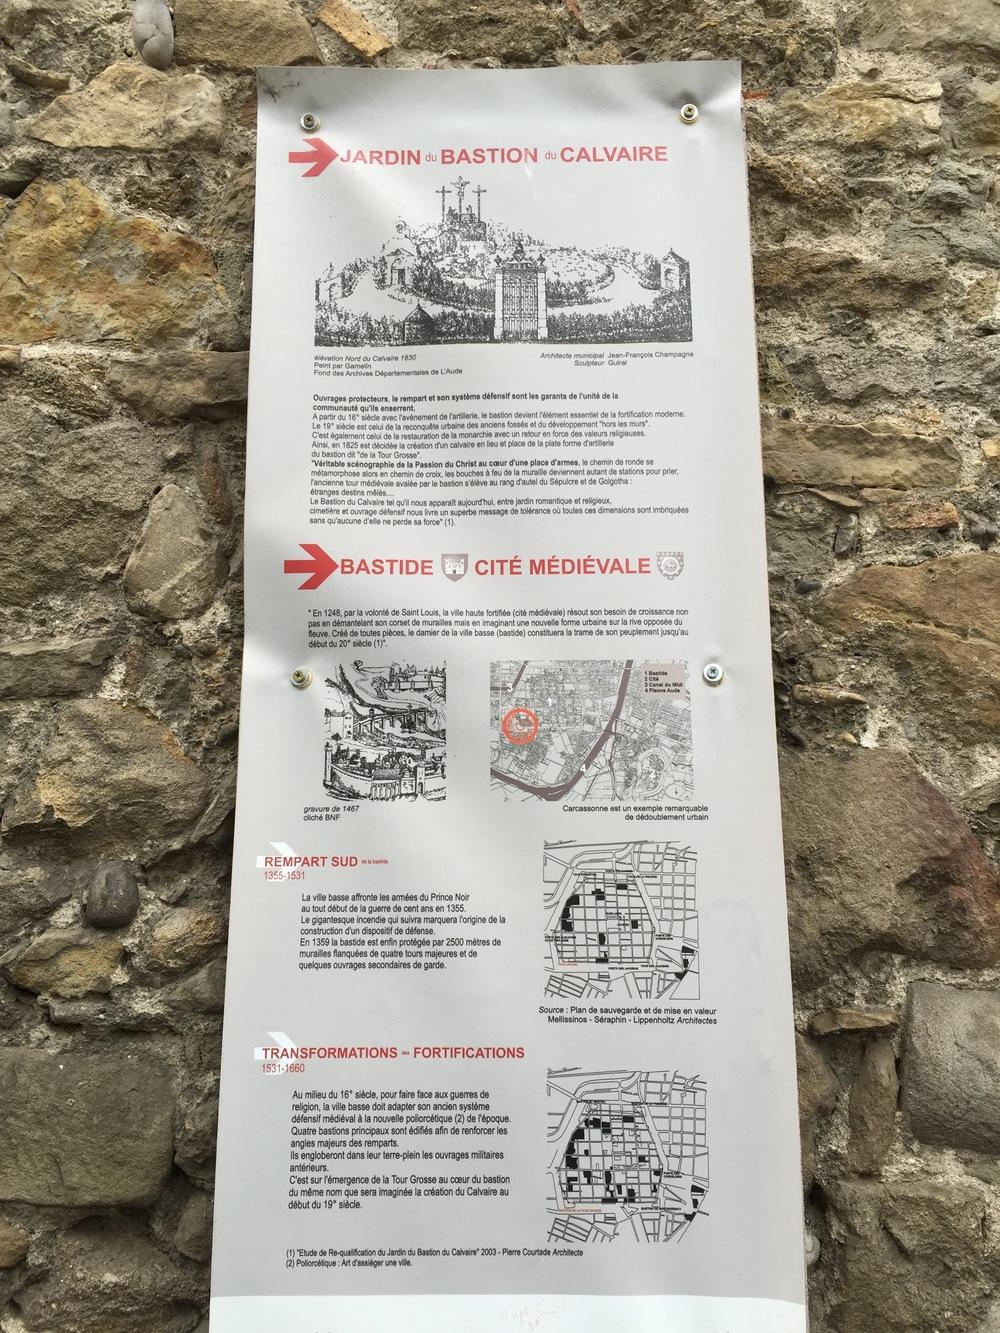 Le-Jardin-du-Calvaire-Carcassonne-jessewaugh.com-55.jpg